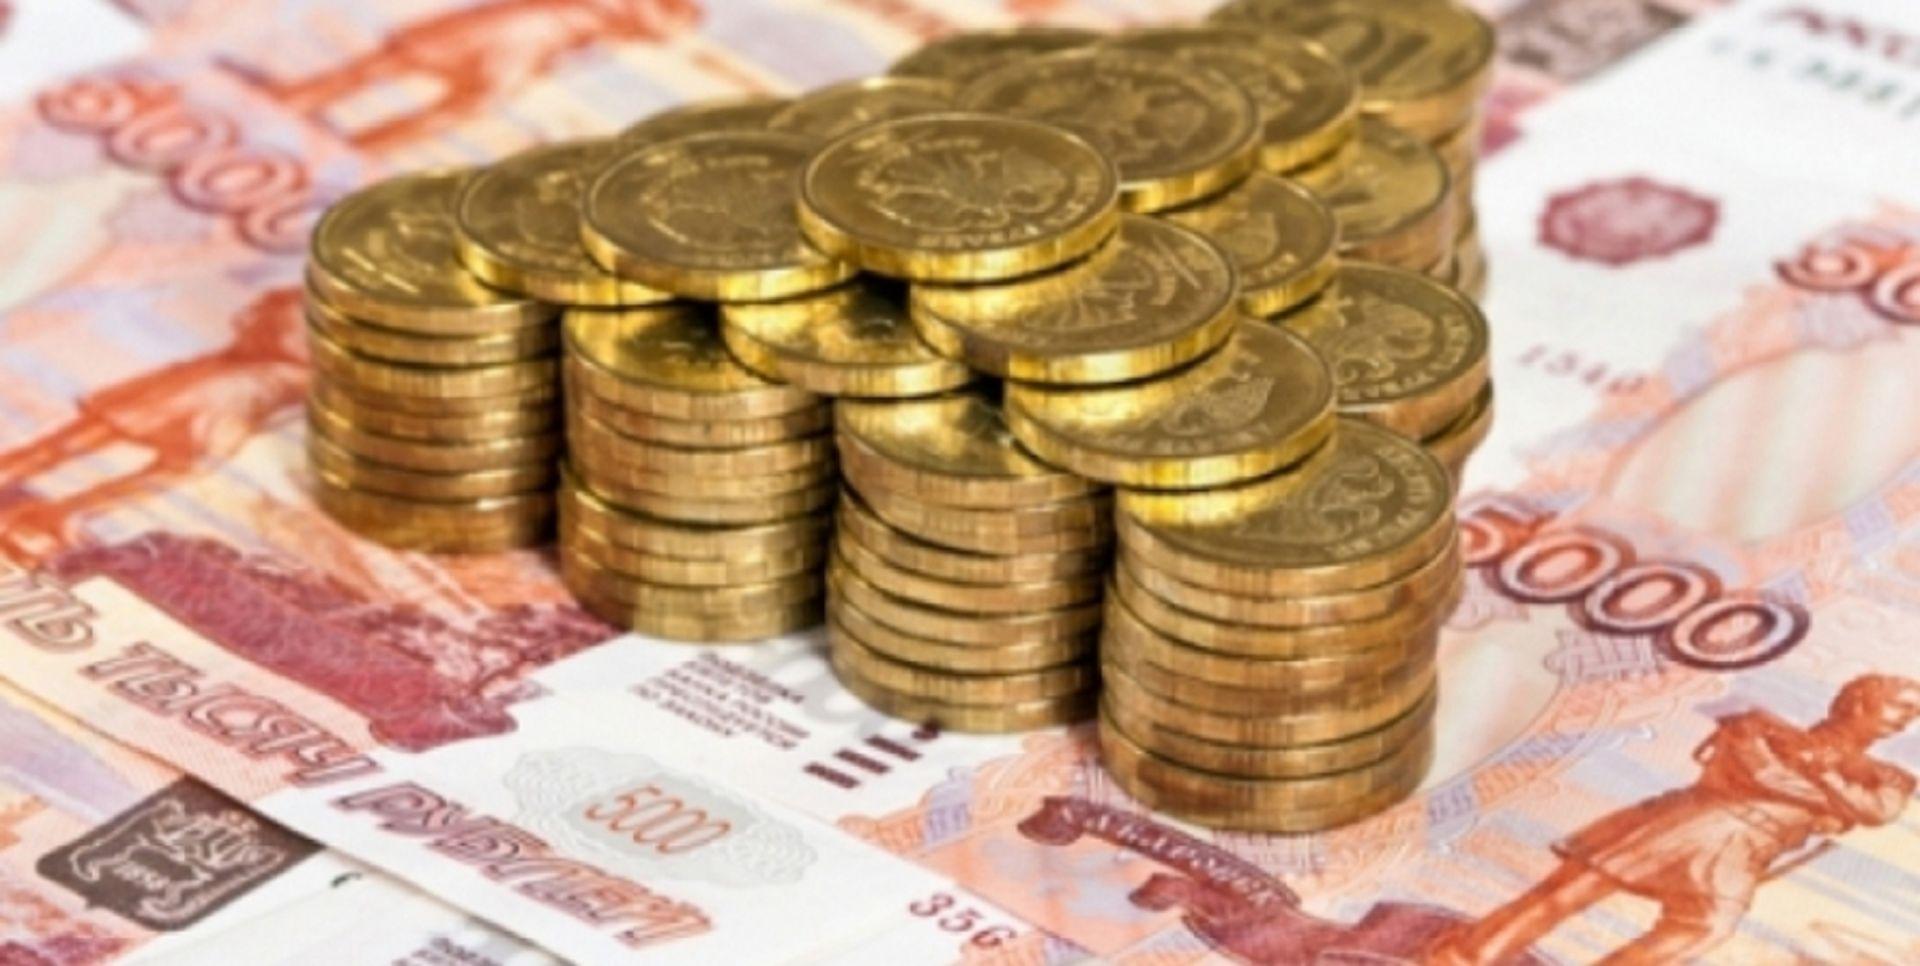 НаСтаврополье погашена задолженность по заработной плате насумму около 4 млн руб.